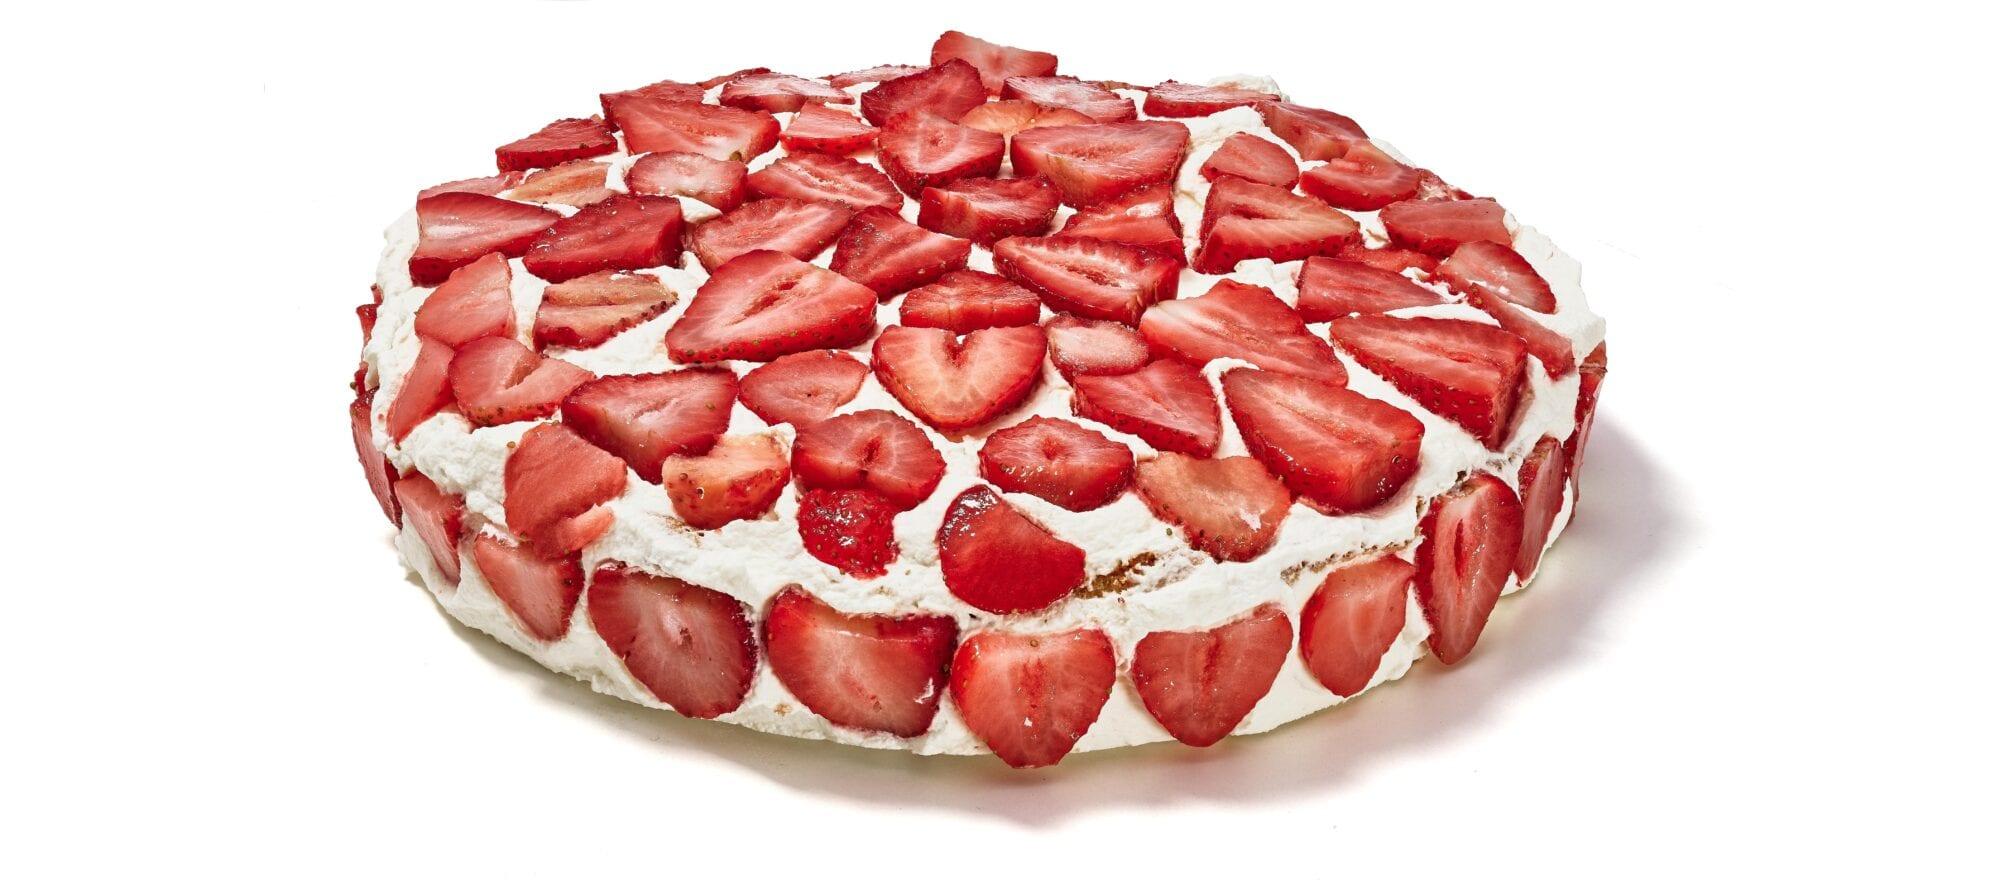 Jordbærlagkage dækket af søde jordbær